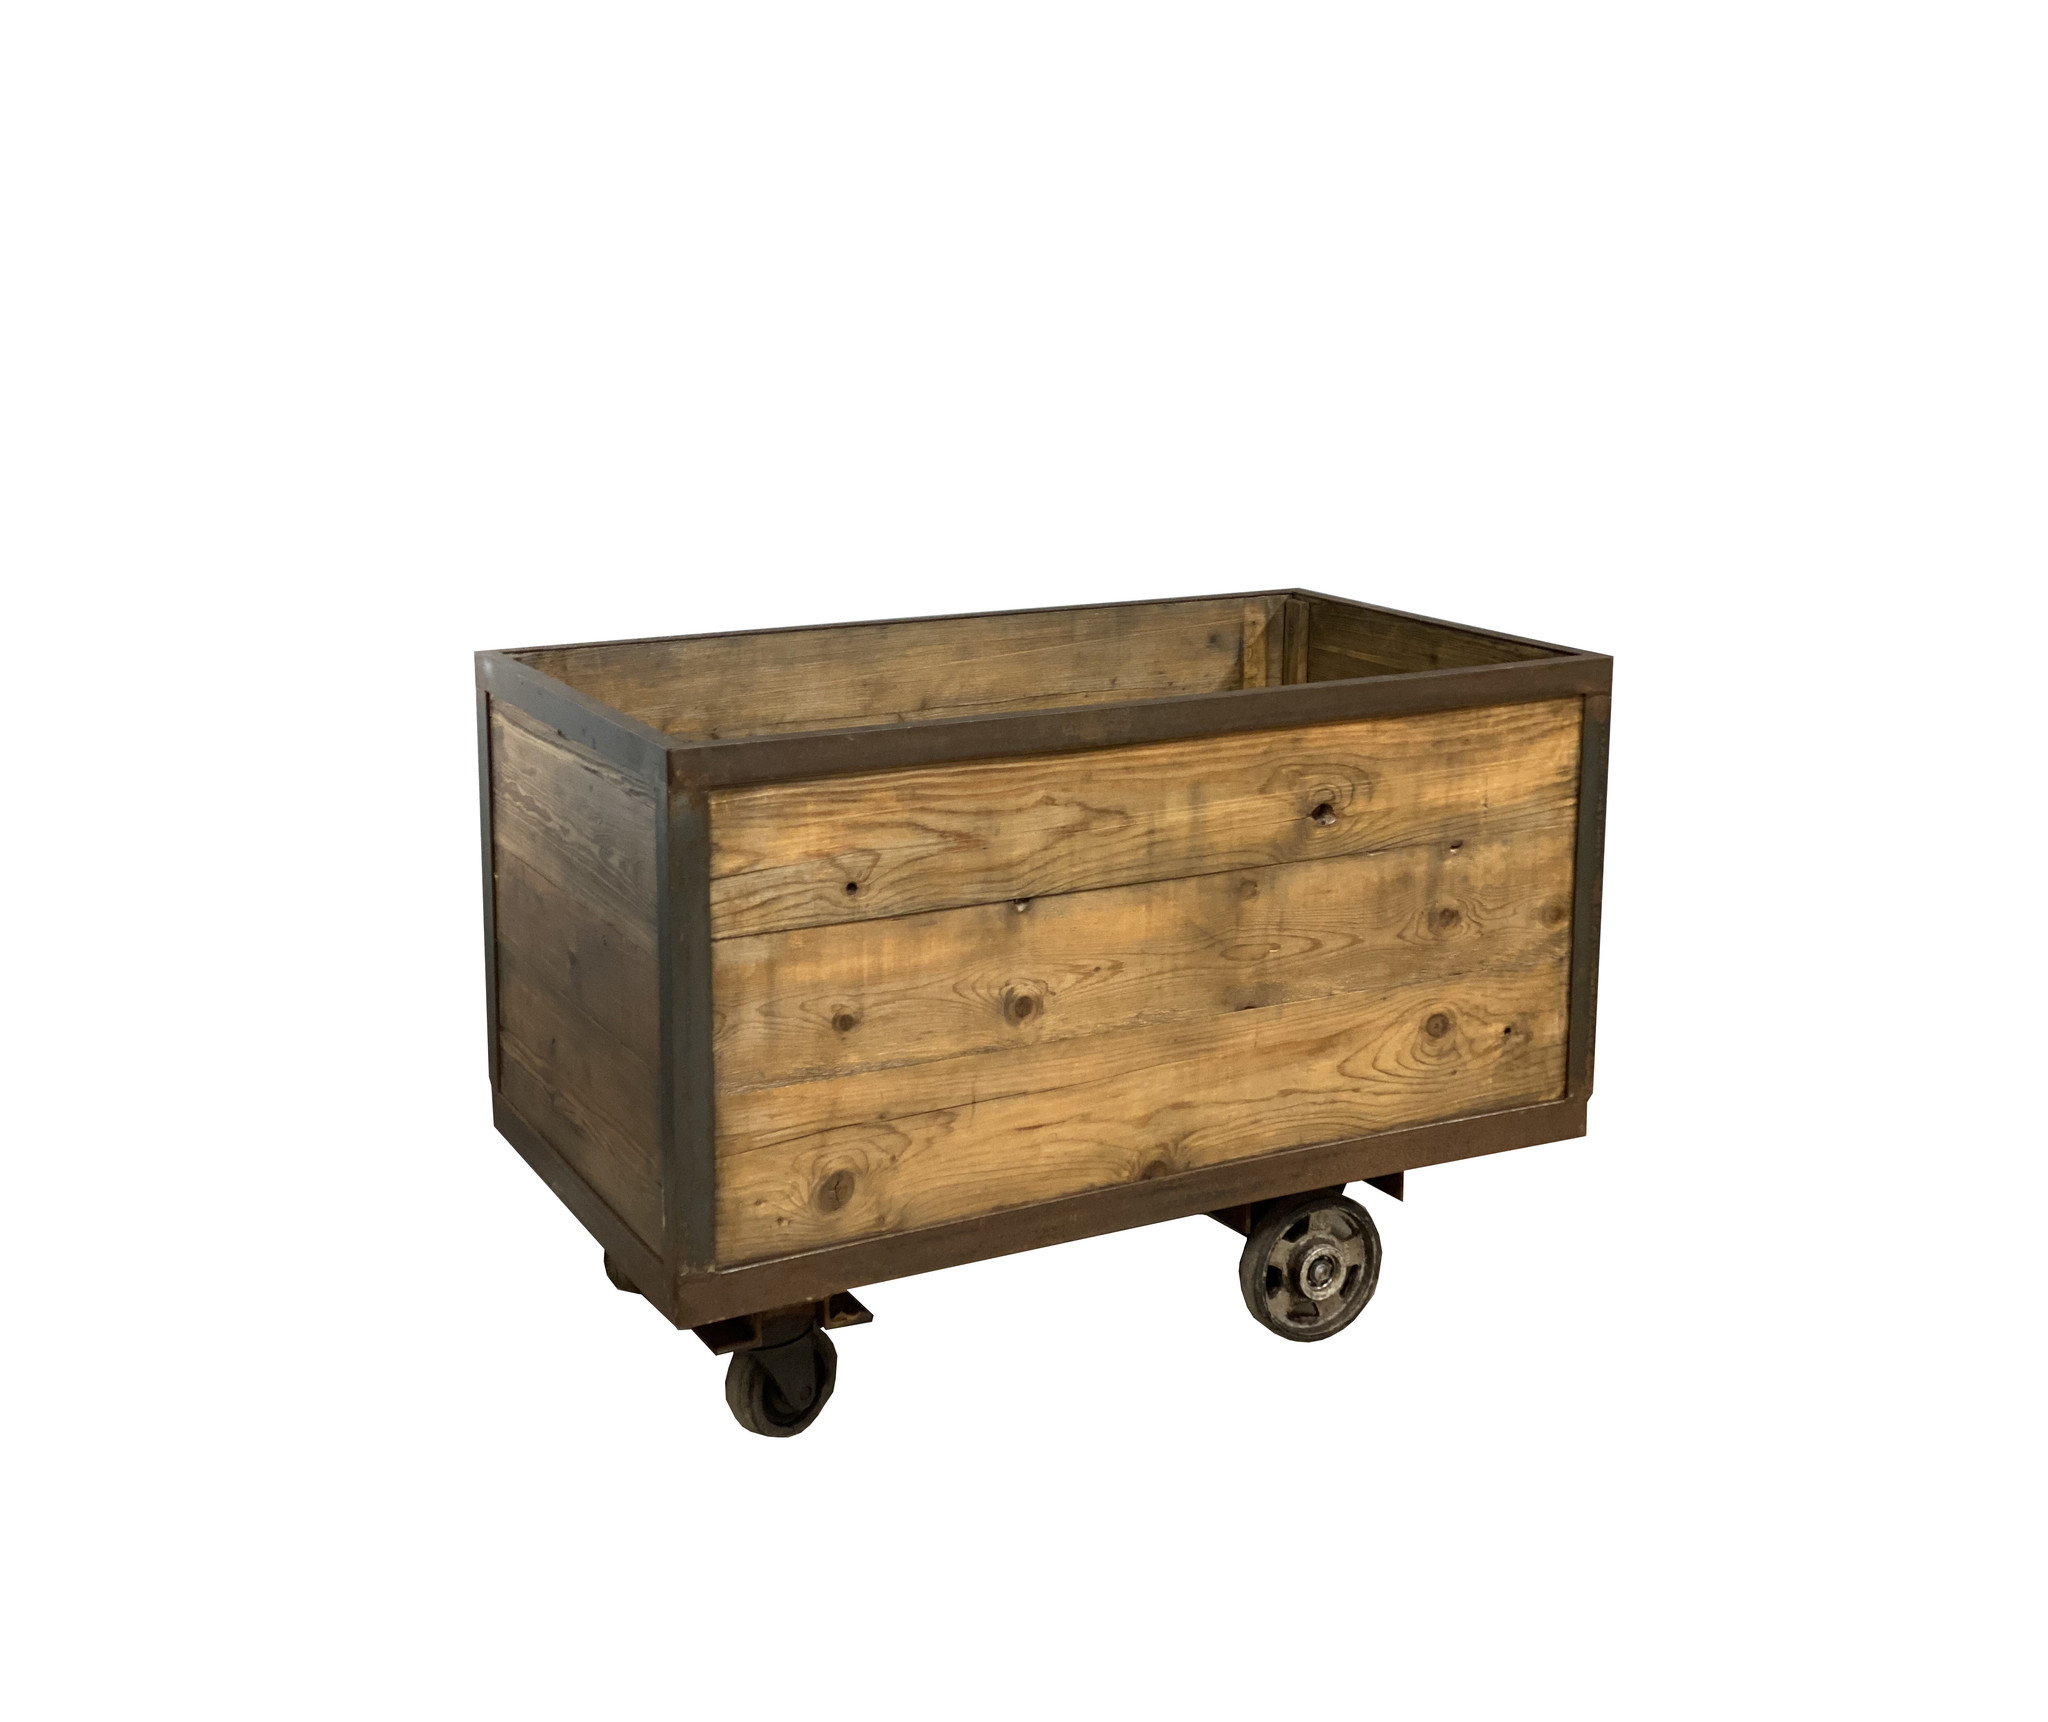 oldwood industriele trolley met houten kist